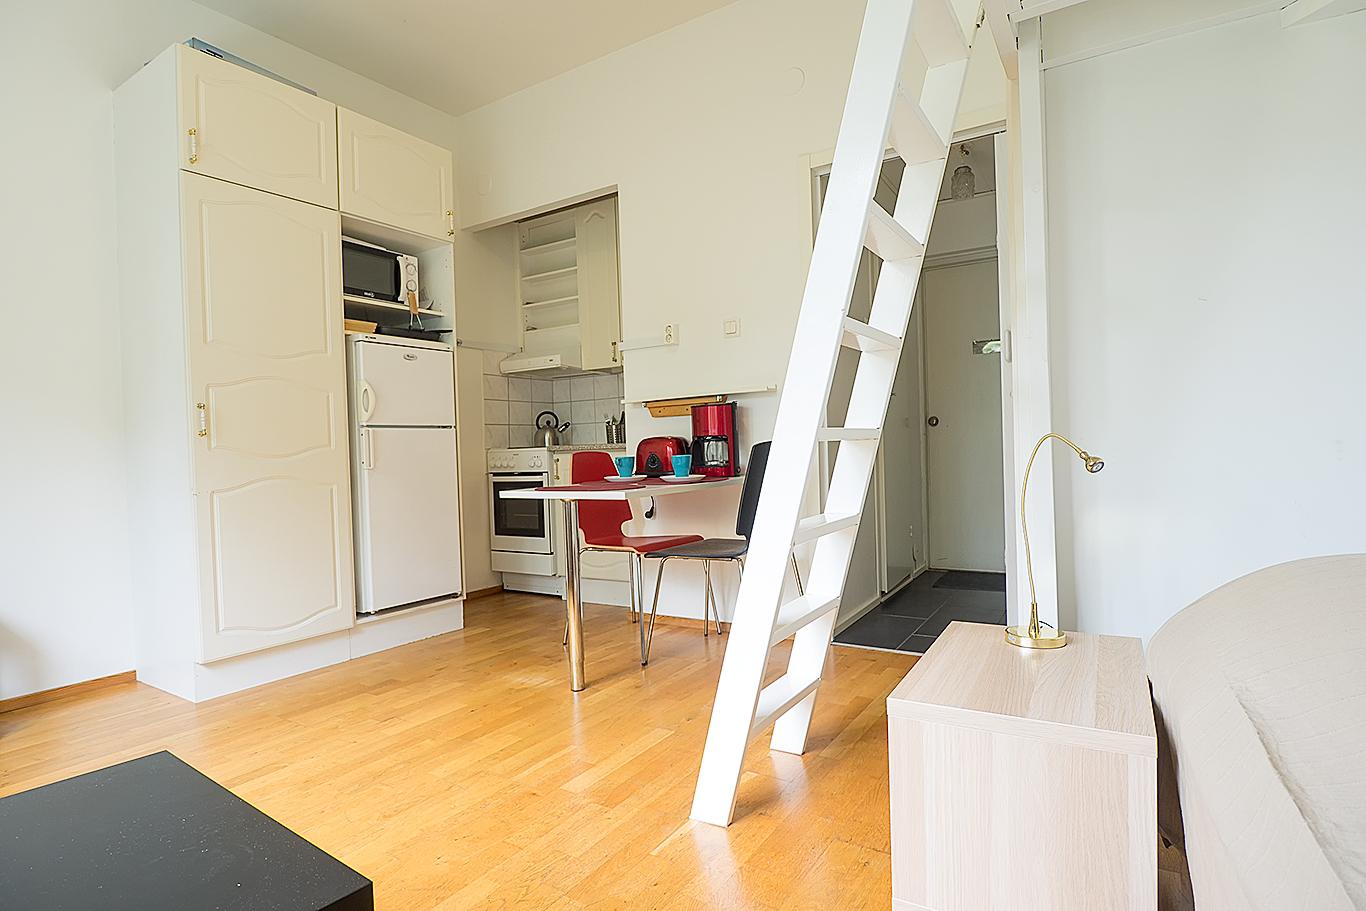 Kalustettu asunto | Saimaankatu 3, Alppila, Helsinki